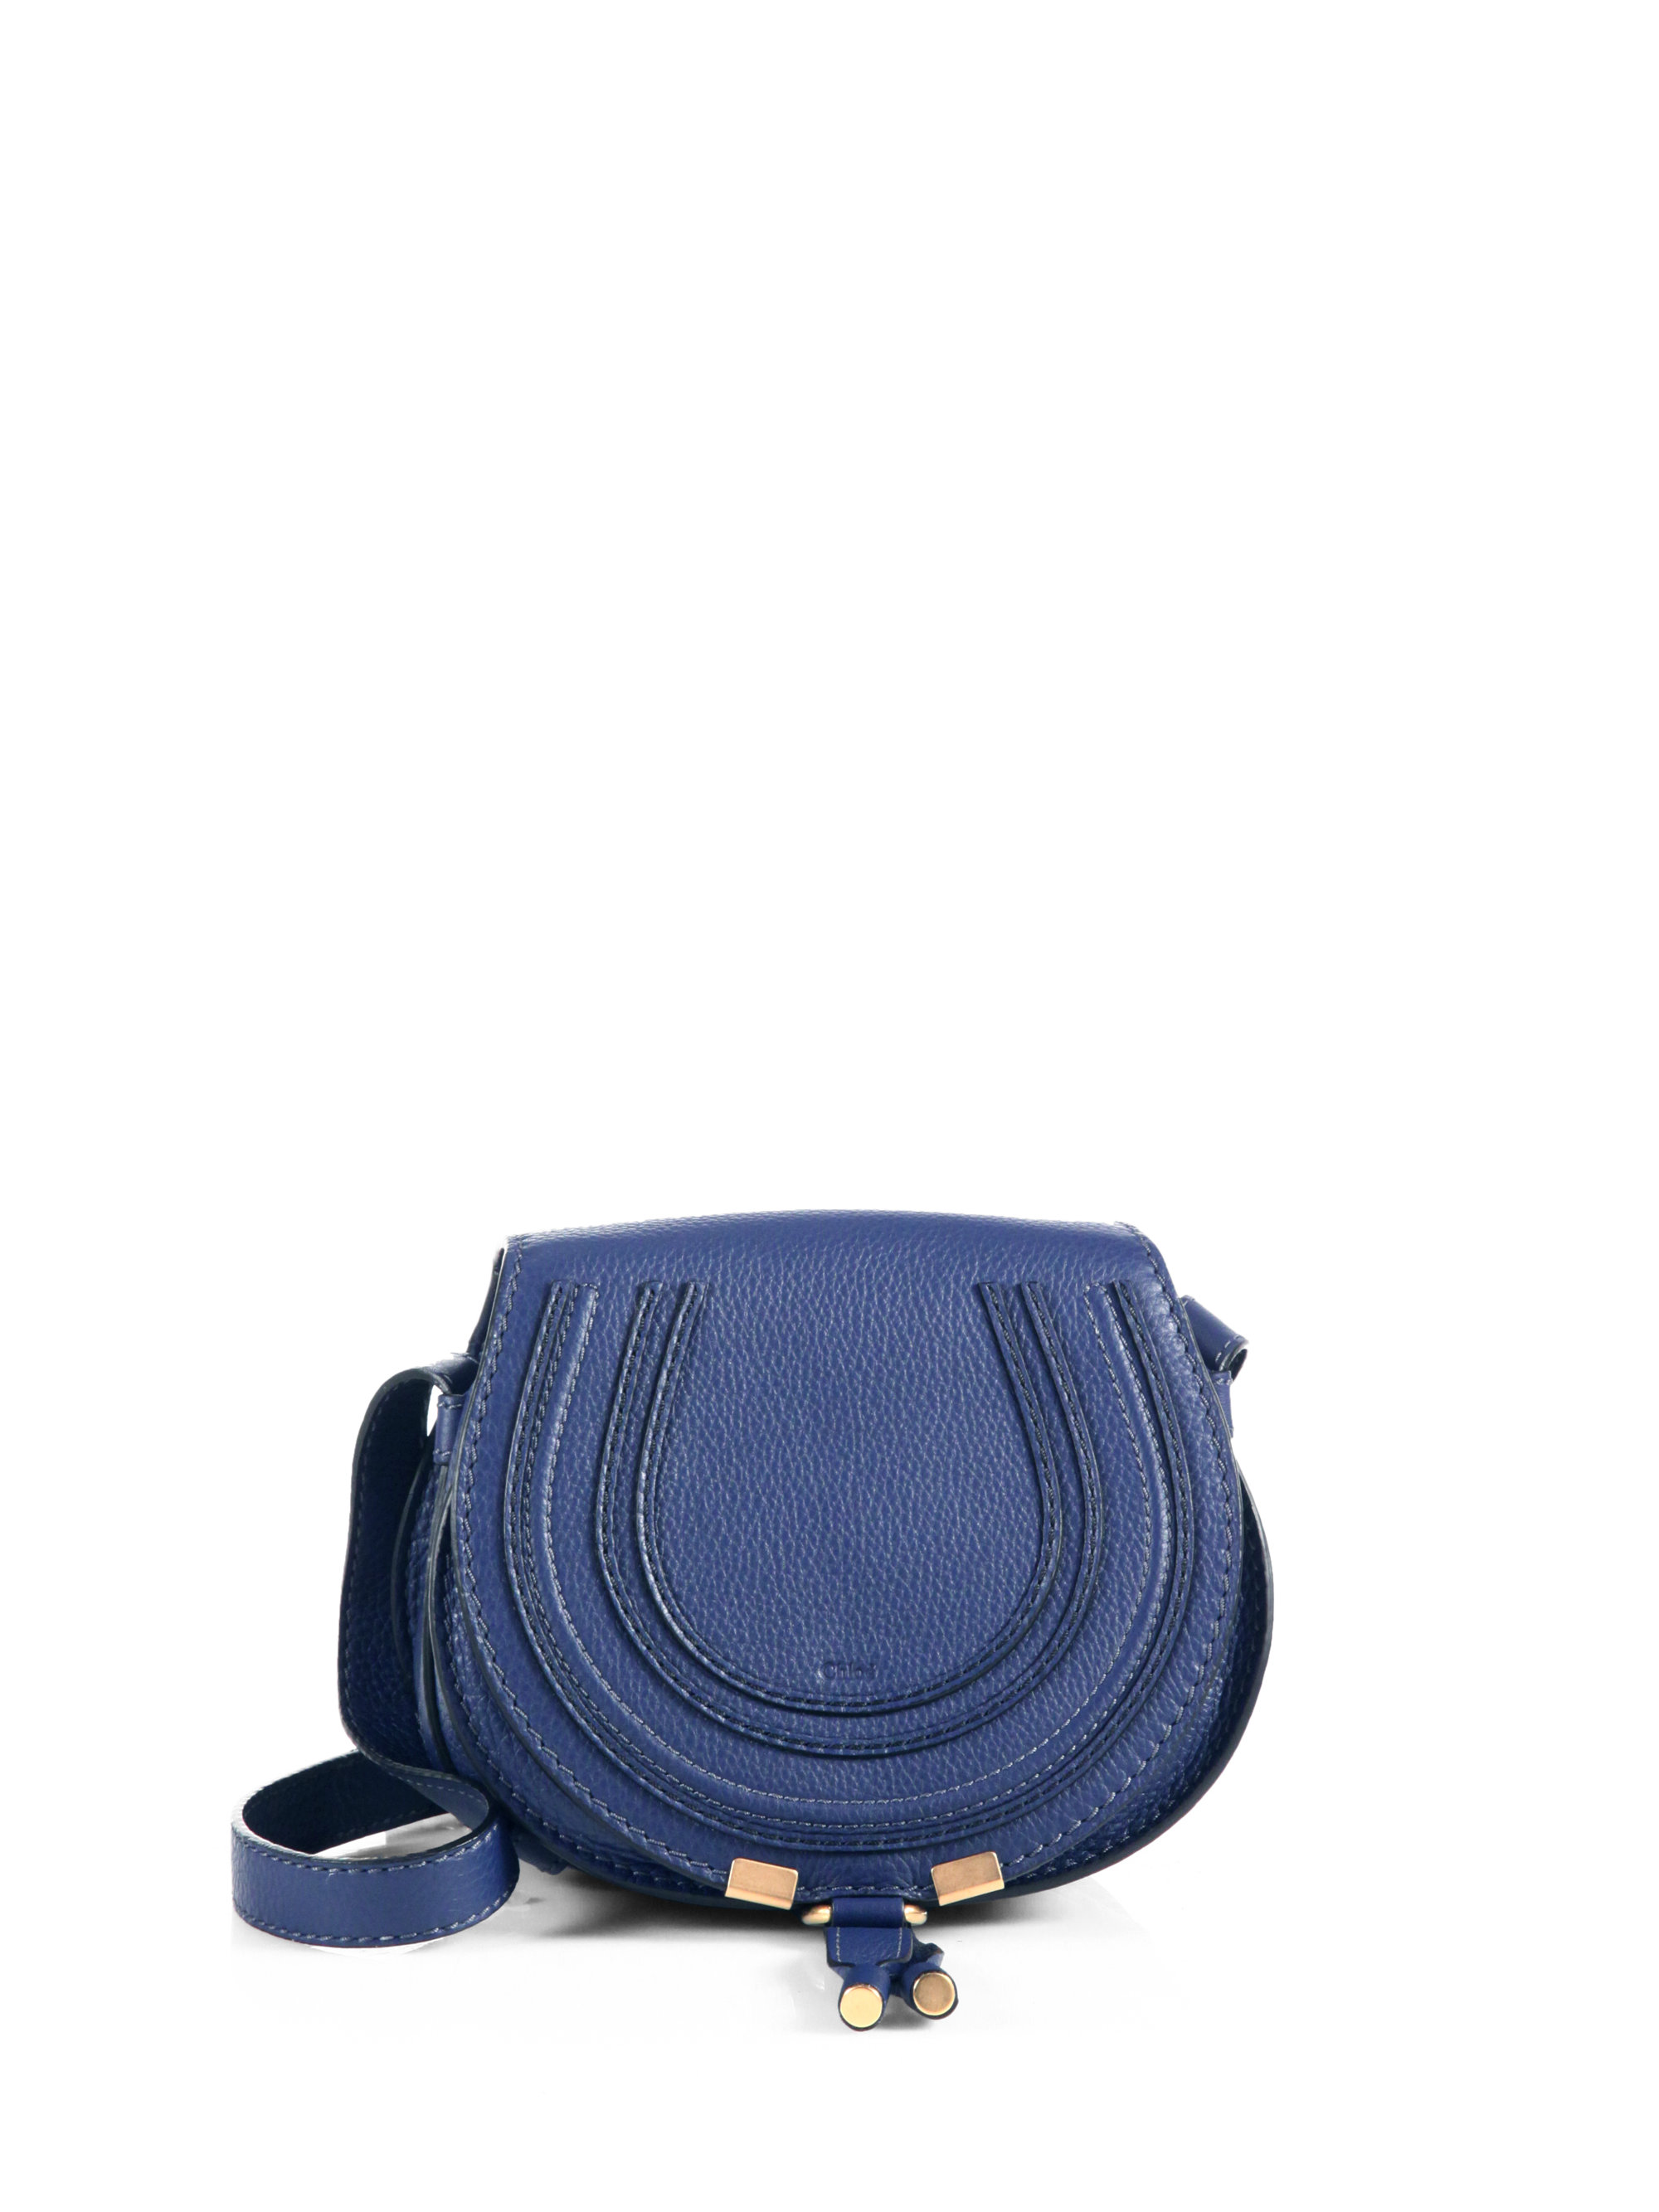 41b9611364f Chloé Marcie Small Round Crossbody Bag in Blue - Lyst